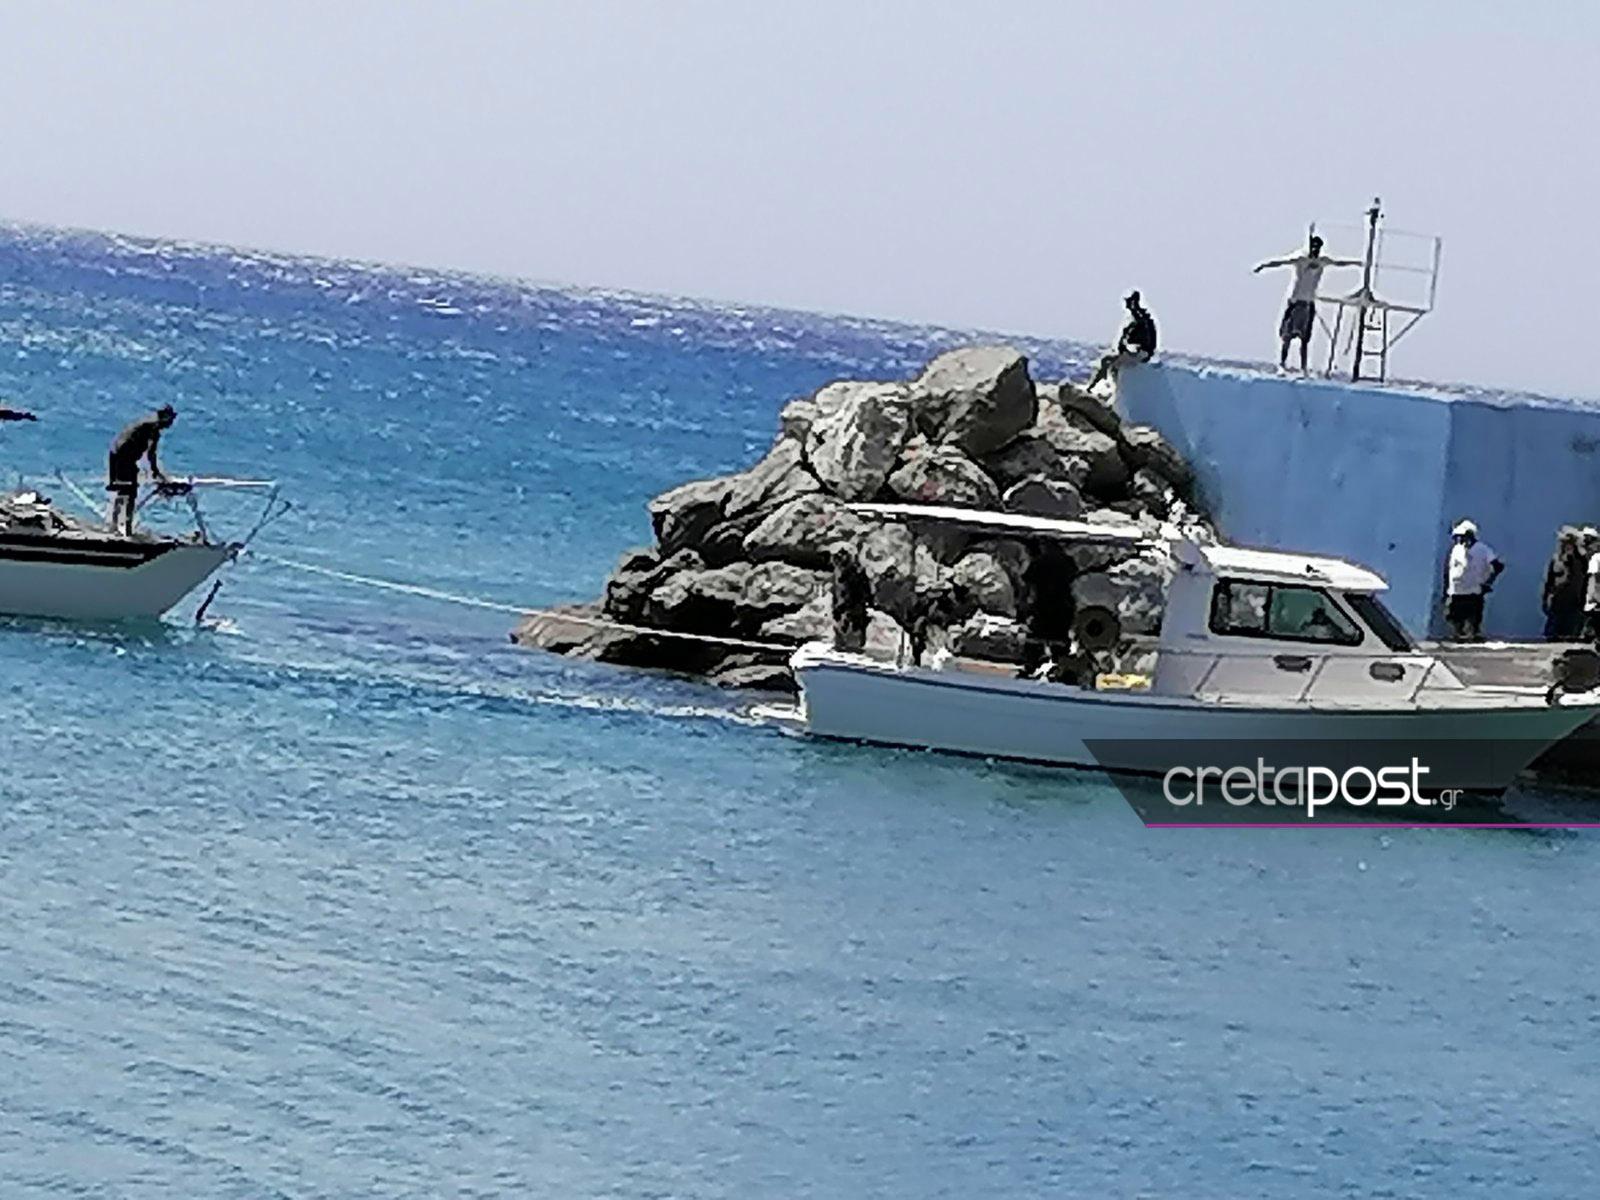 Κρήτη: Έφτασαν από την Τουρκία με ιστιοφόρο για να ζητήσουν πολιτικό άσυλο – Η οδύσσεια στο Αιγαίο